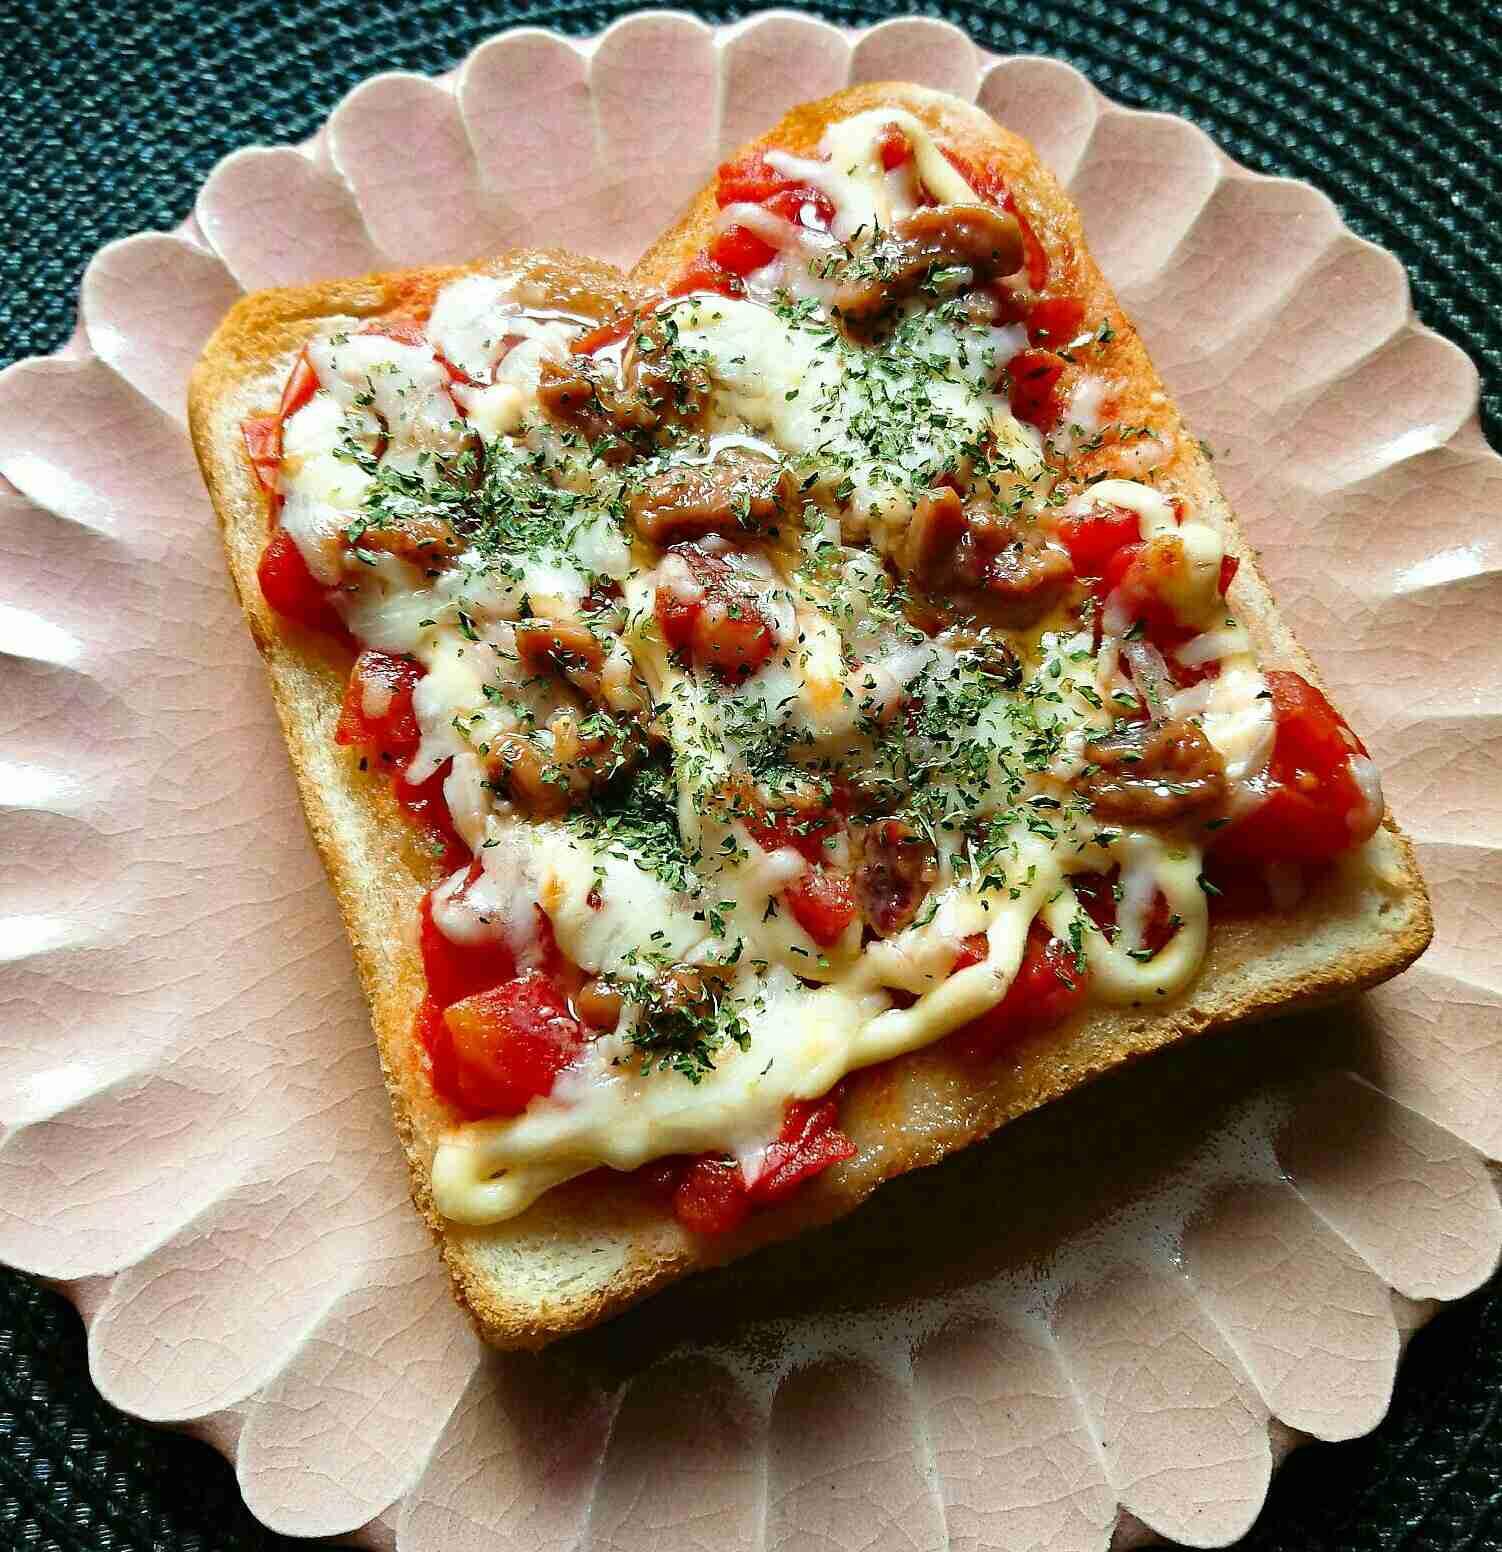 余らせがちな食材を使い切れる様に、簡単なレシピを共有しあうトピ